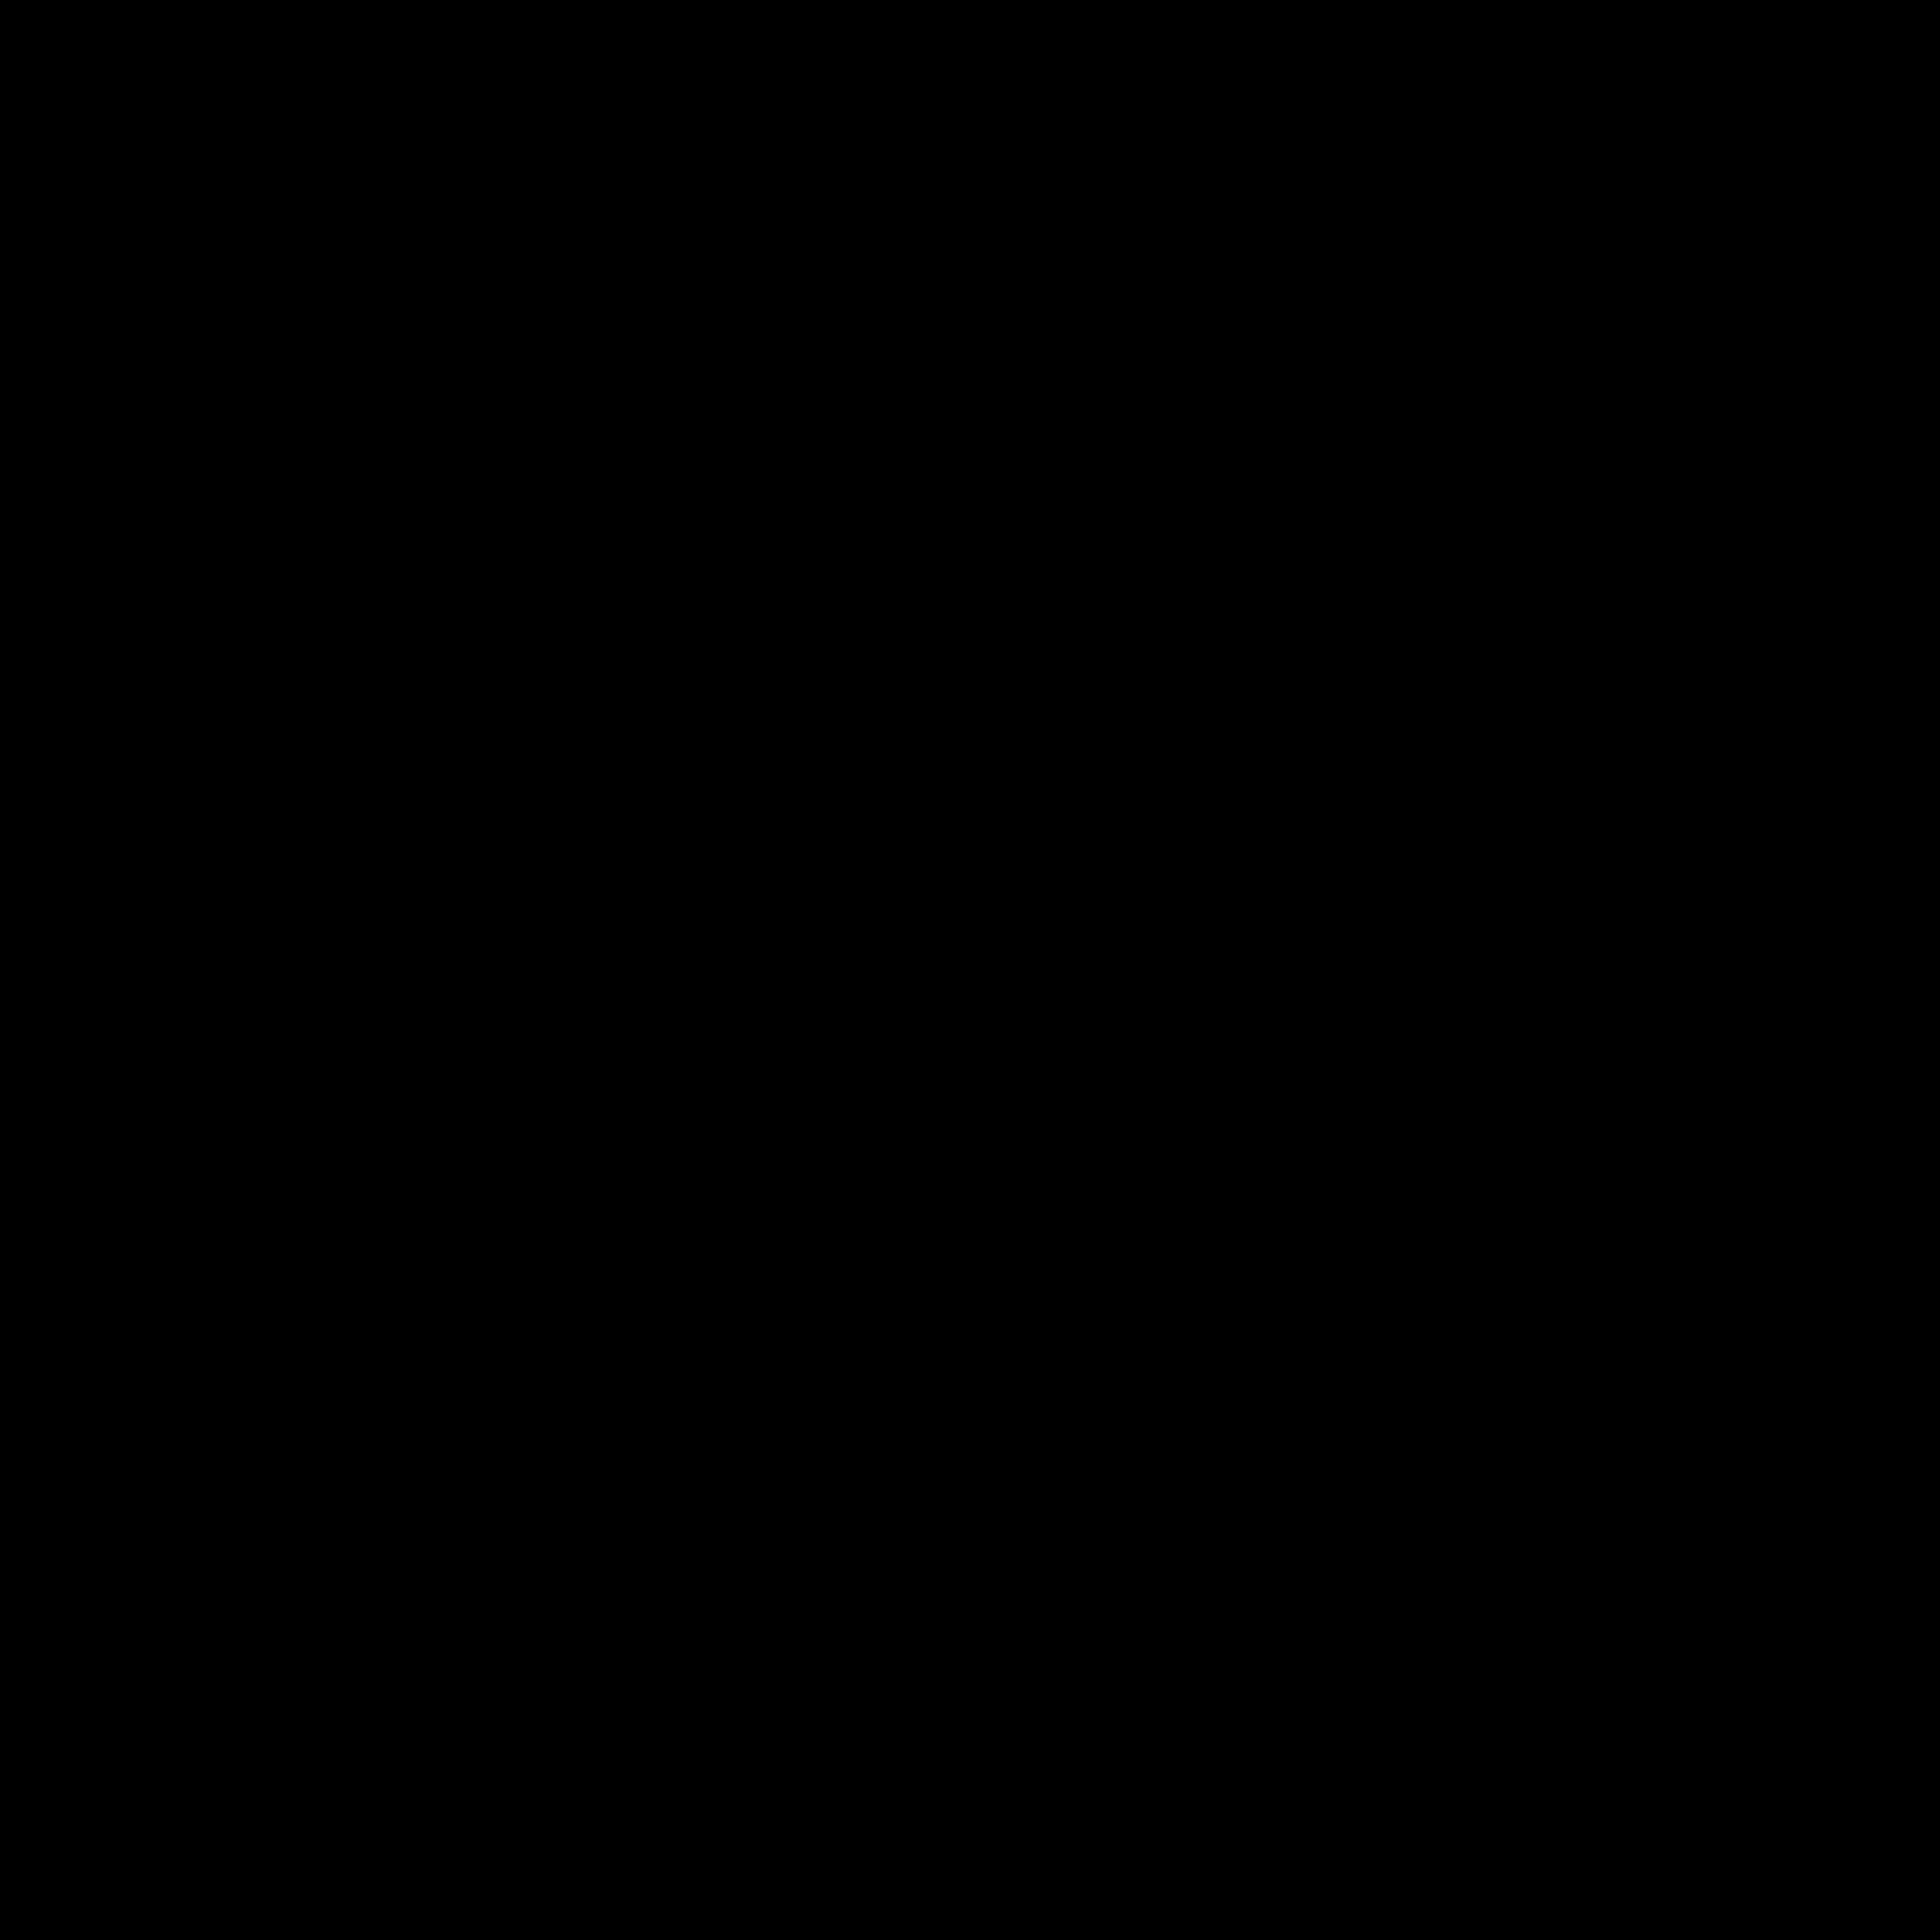 Filigree clipart boder. Net border big image